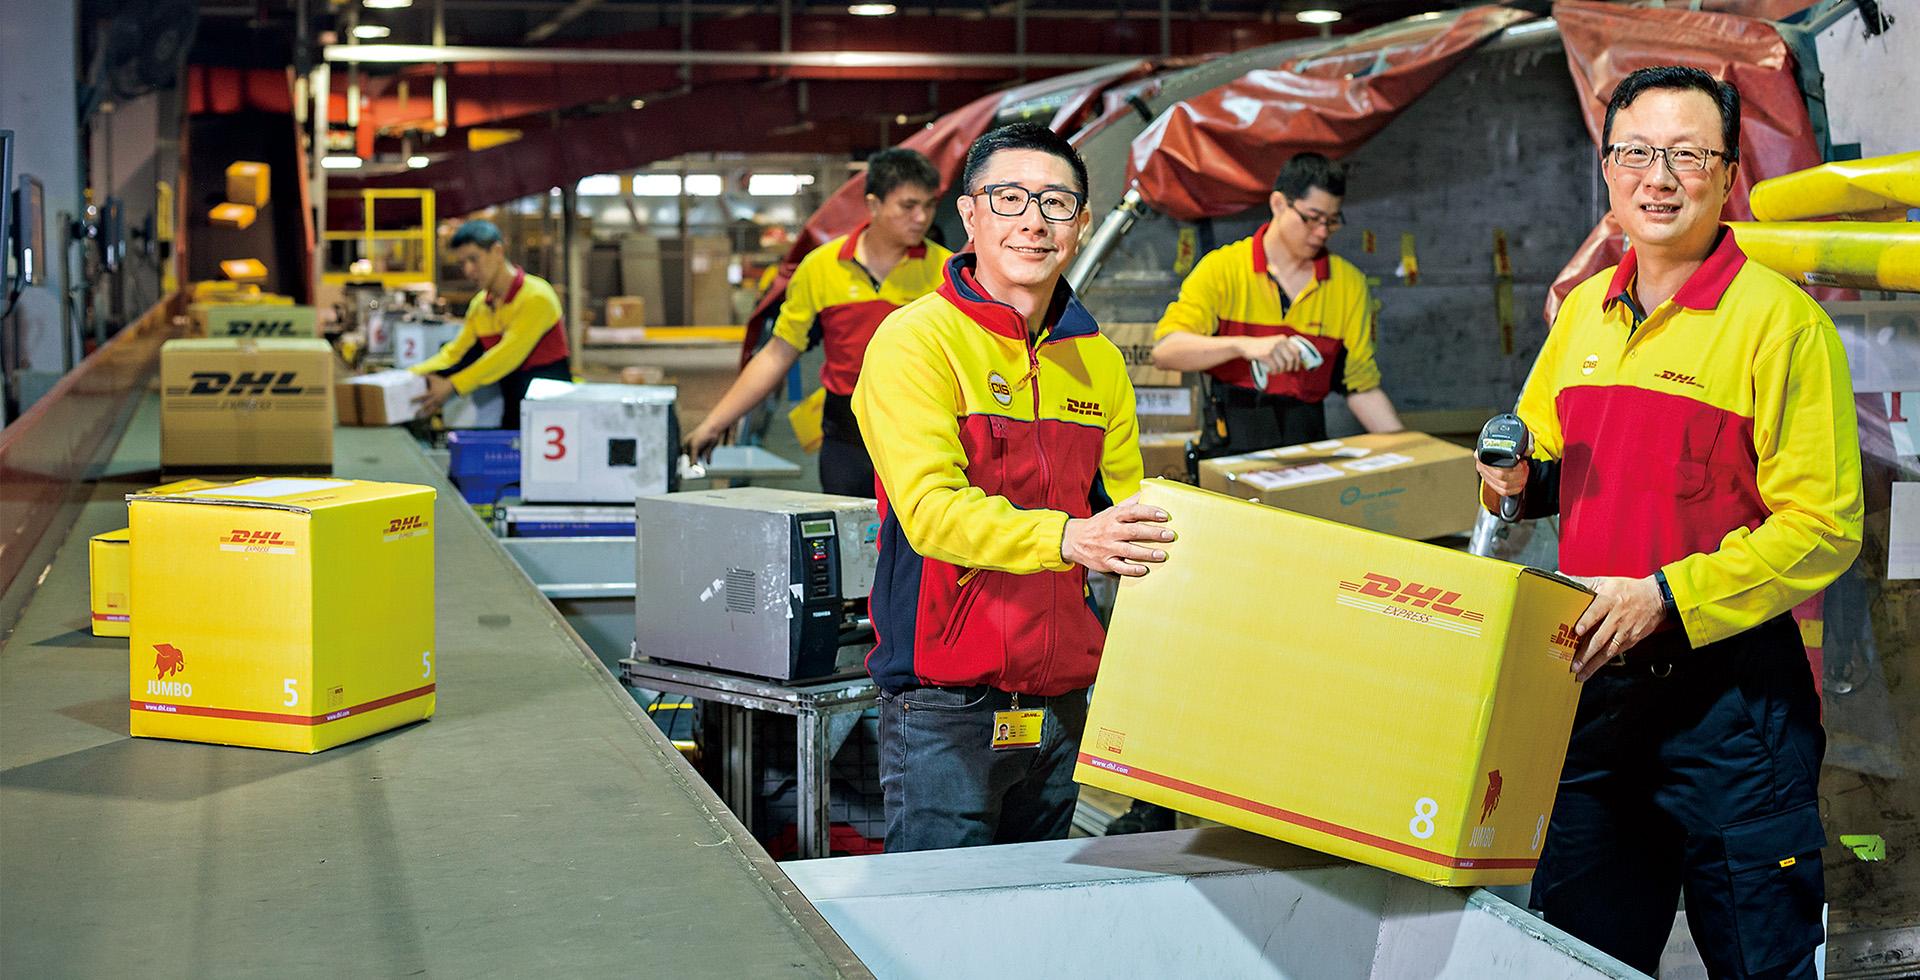 總座幫員工搬貨  DHL的一堂震撼課